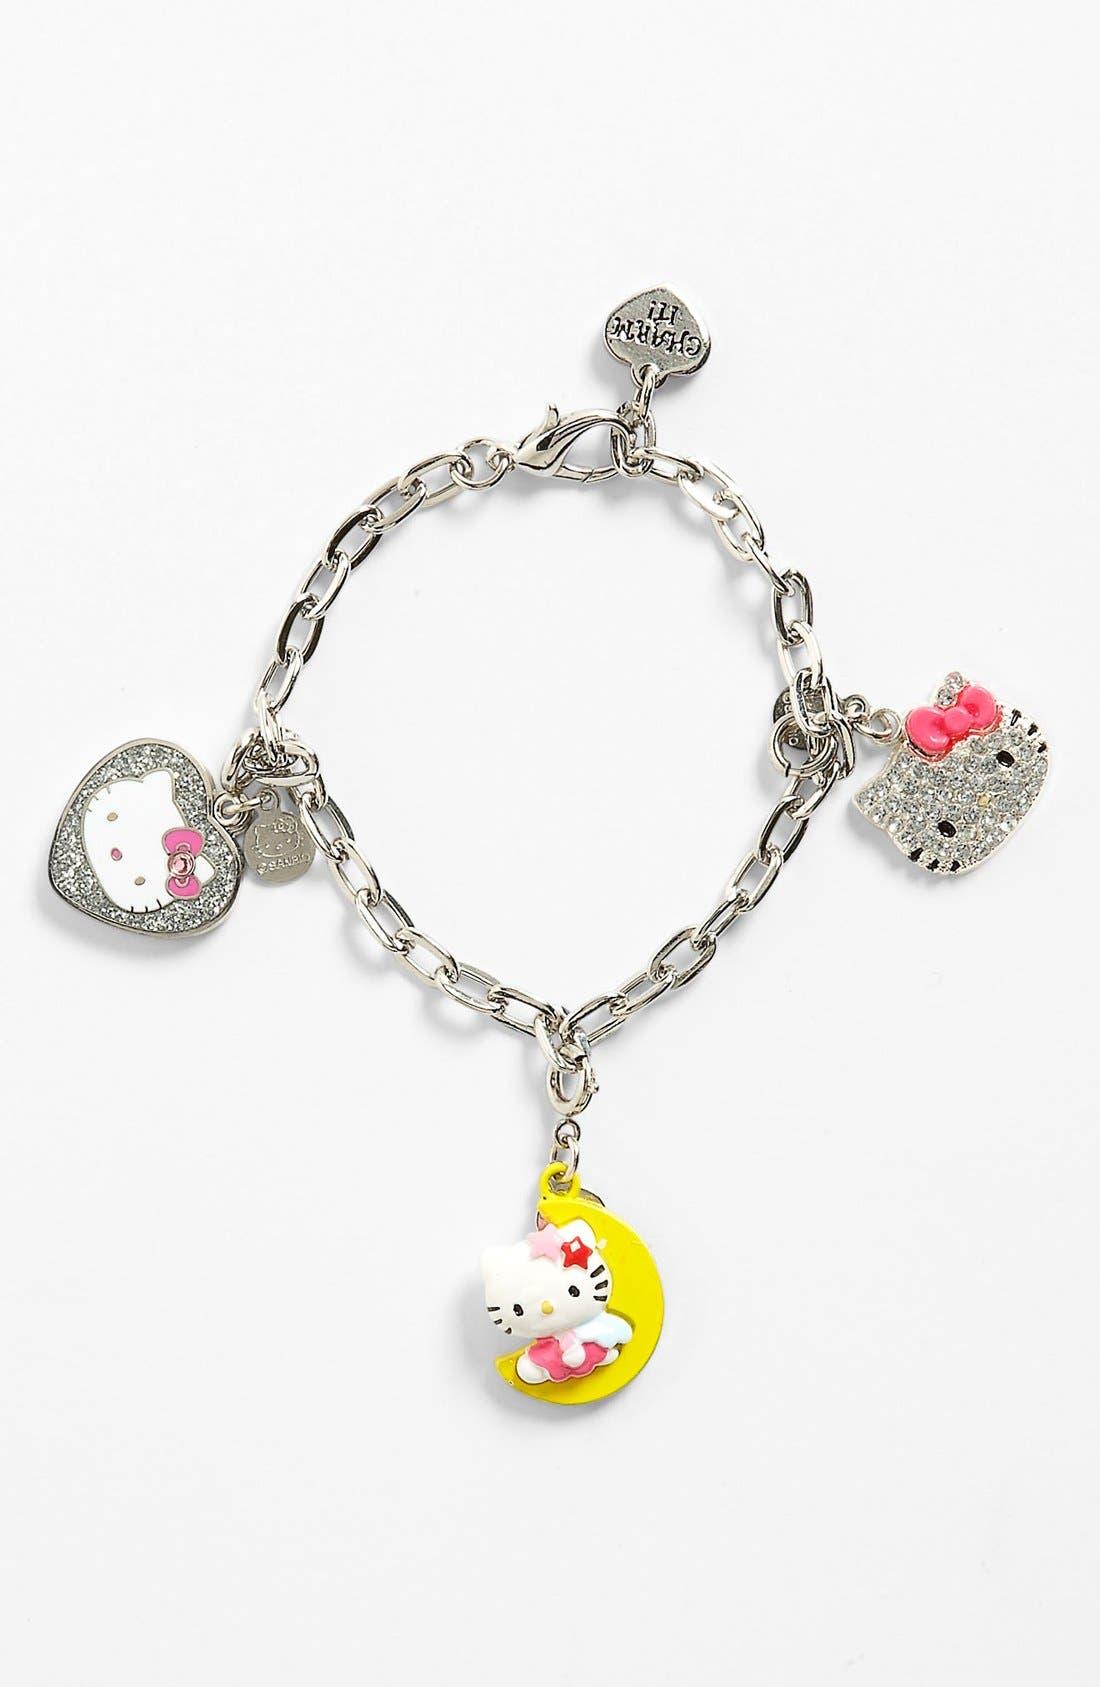 Alternate Image 1 Selected - CHARM IT!® 'Hello Kitty®' Charm Bracelet Gift Set (Girls)